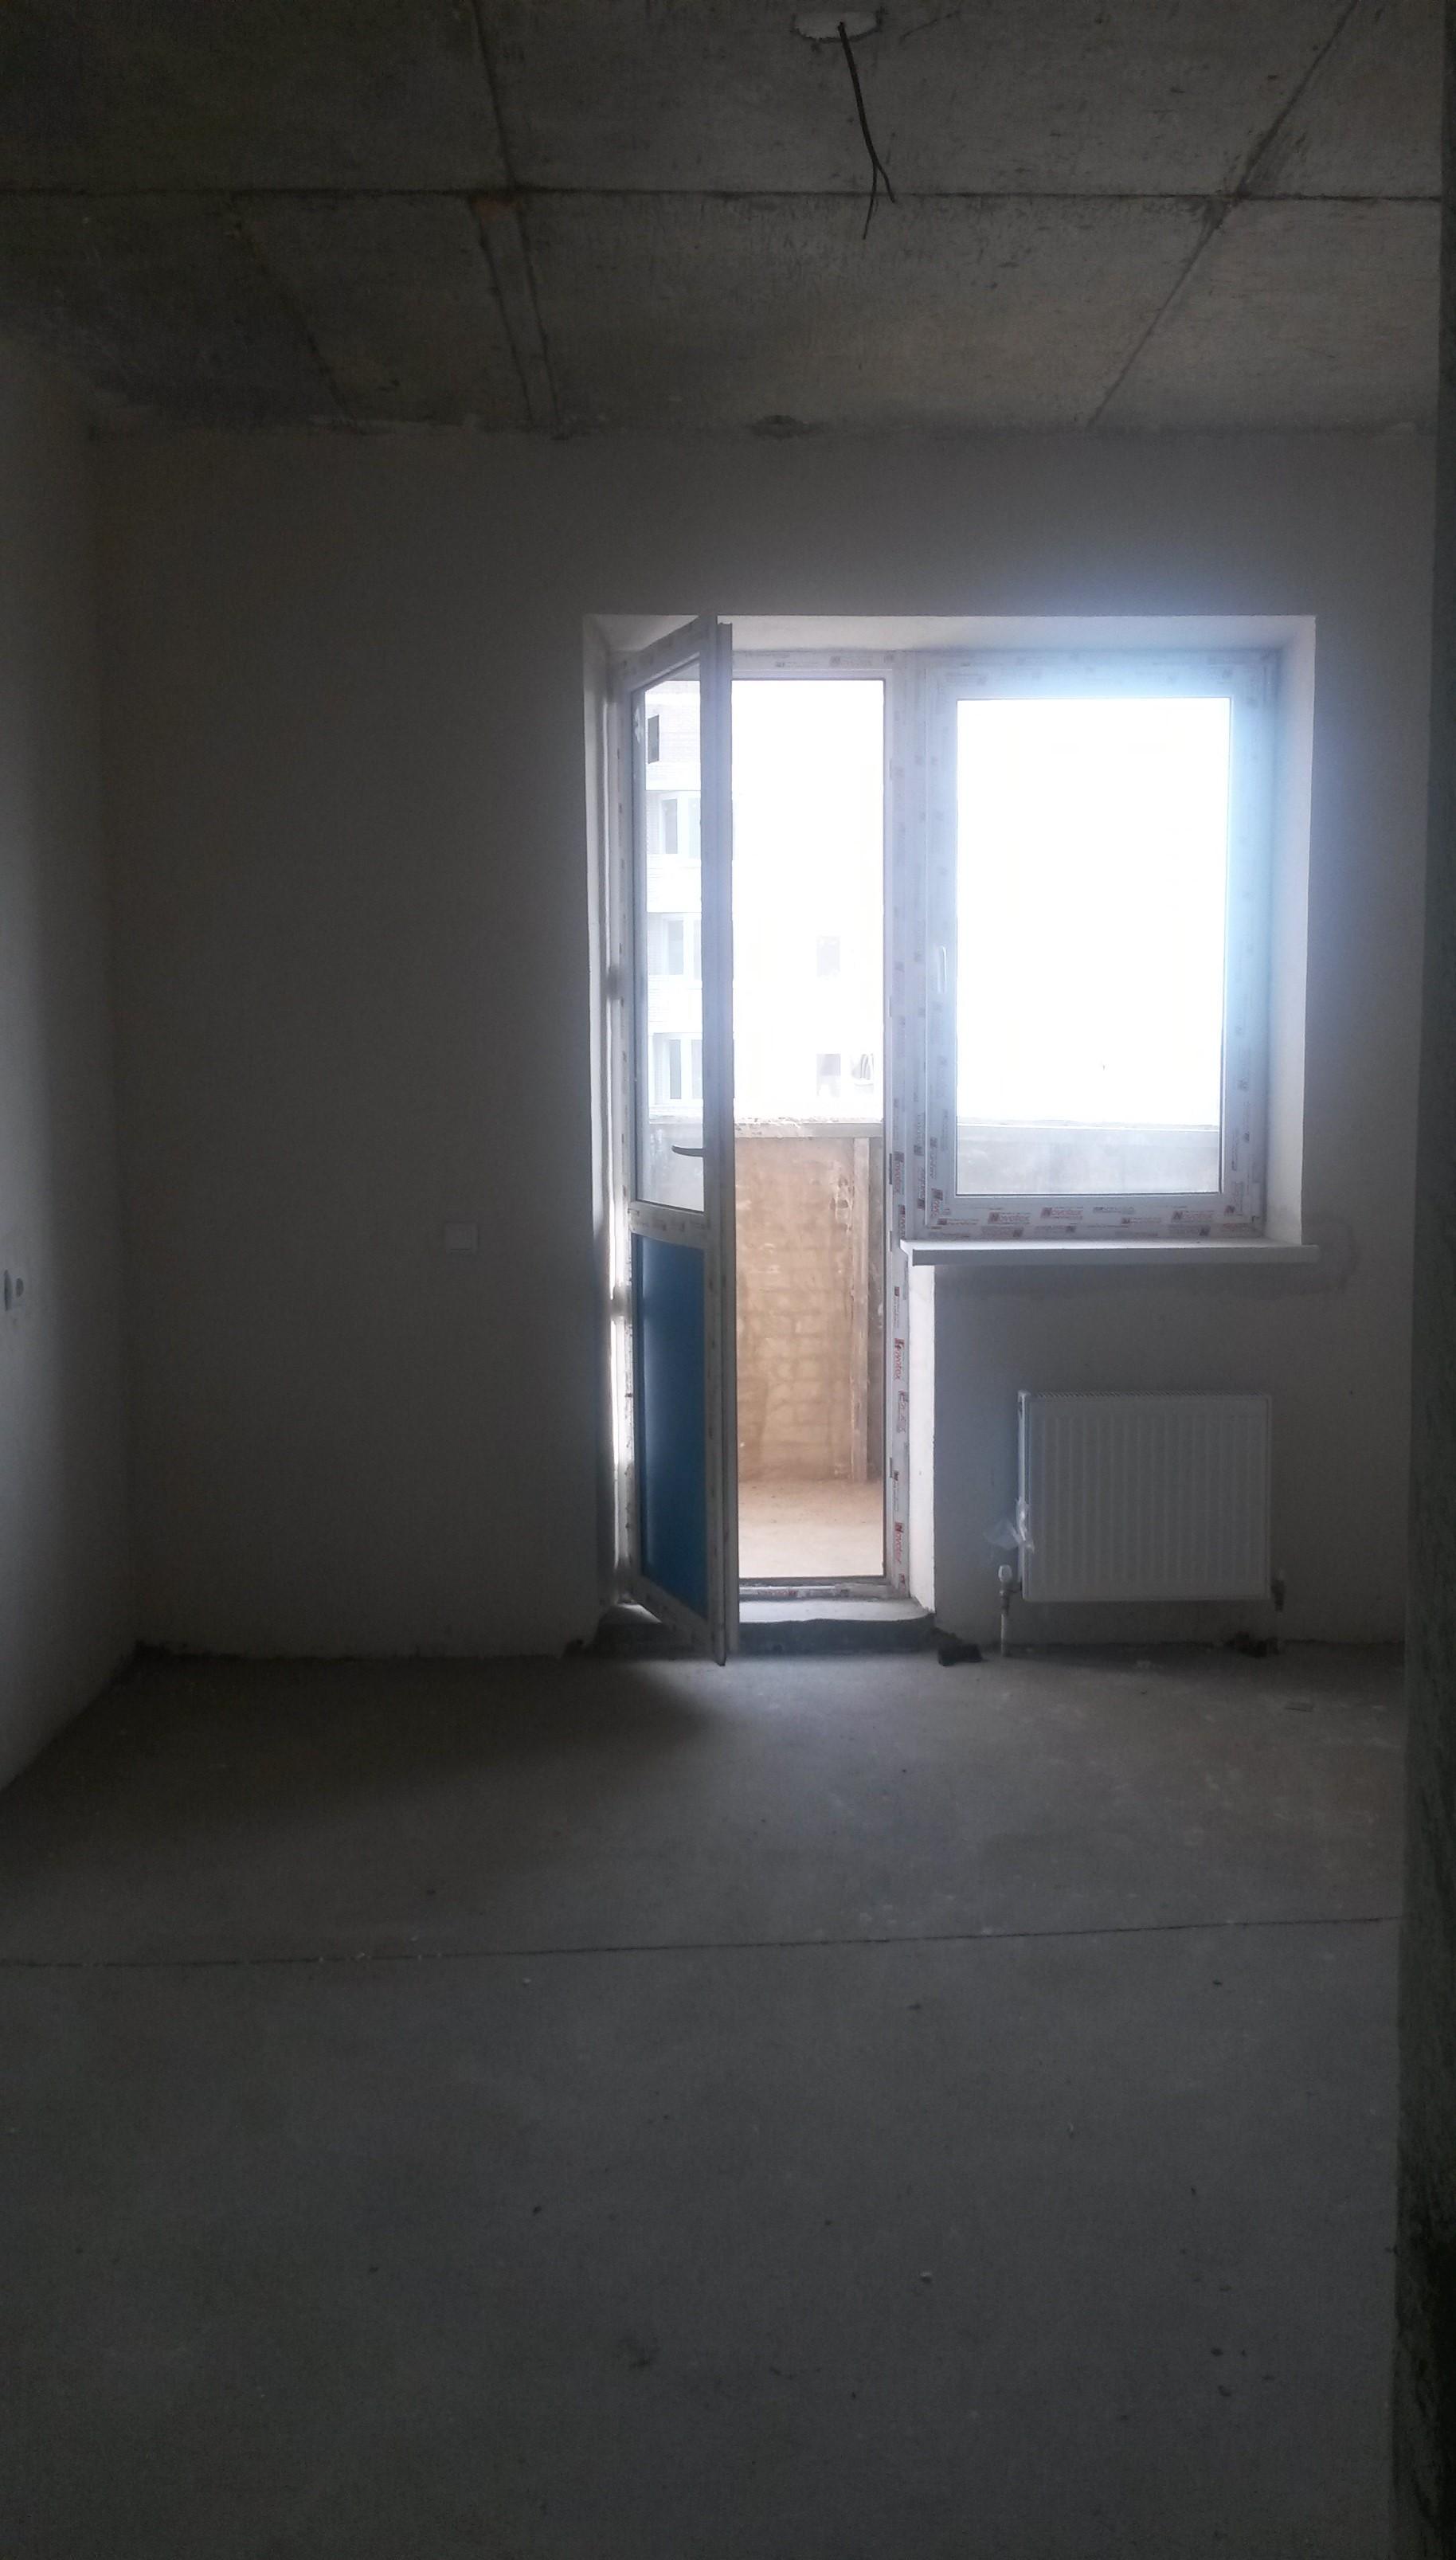 1-к квартира | Краснодар, Морская, р-н ФМР, 43 фото - 1